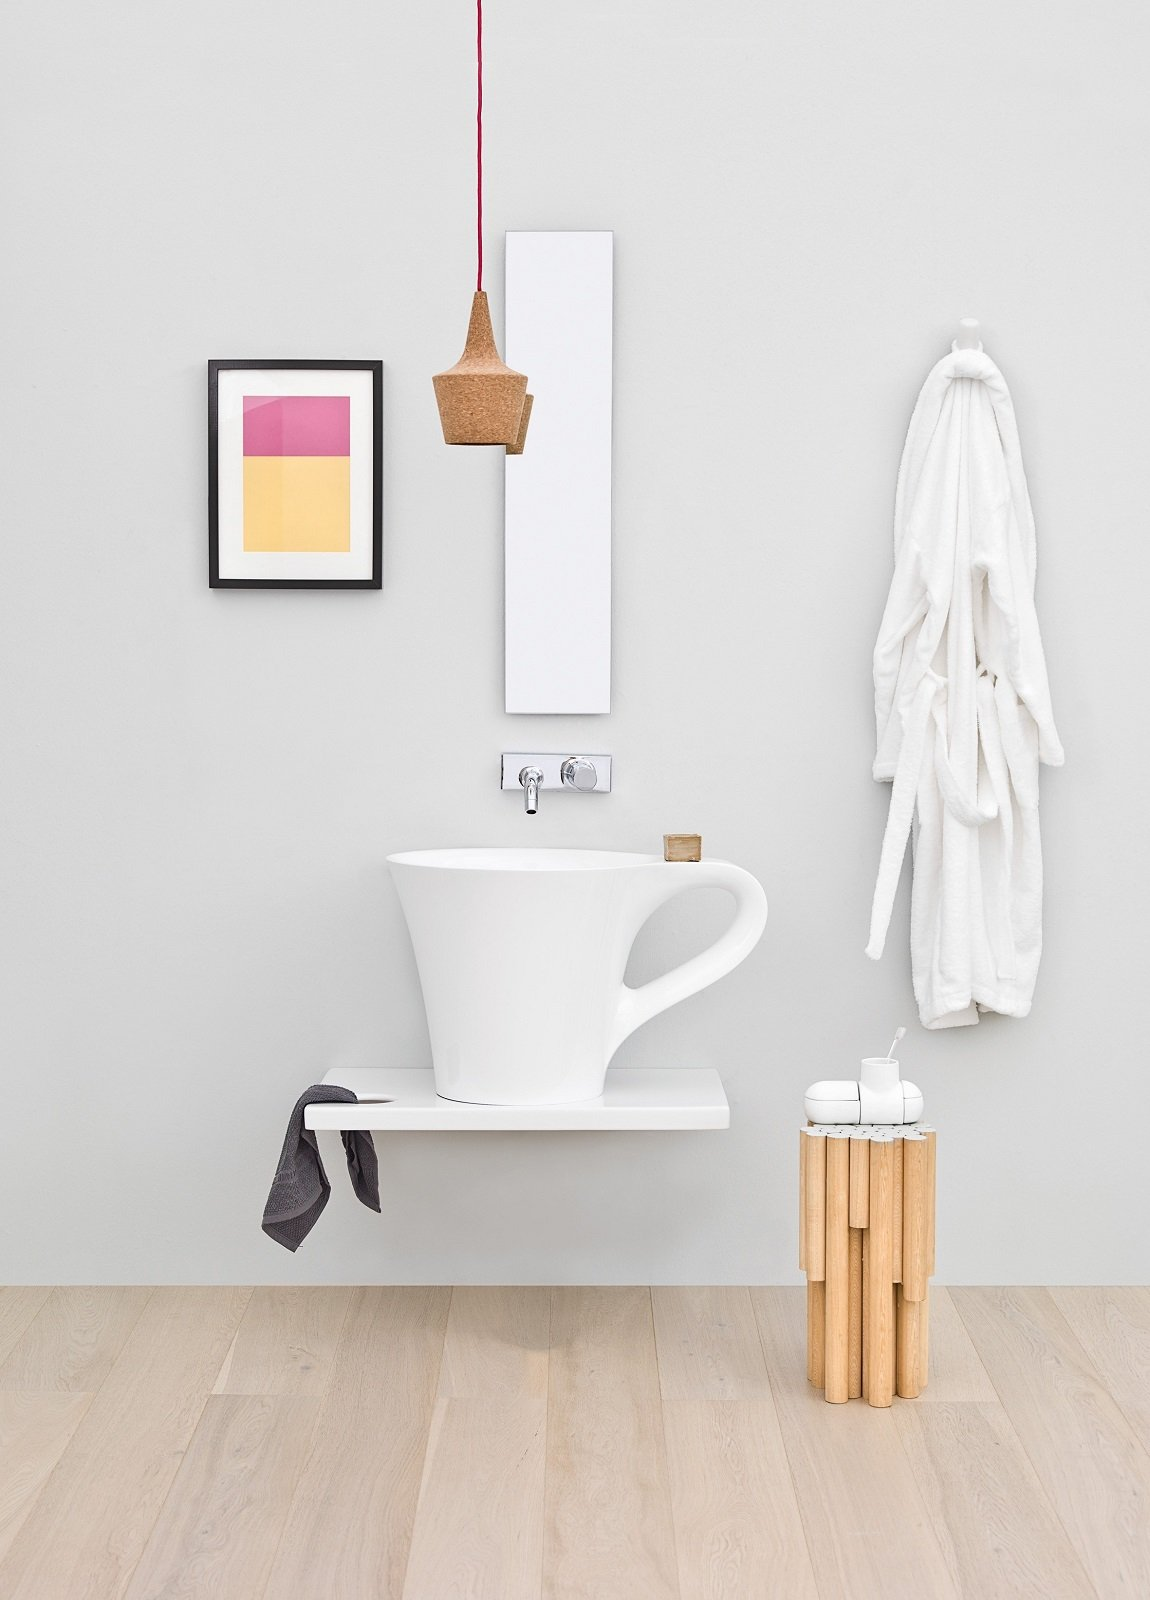 Mensole e piani d 39 appoggio per il lavabo cose di casa for Piani di idee di casa aggiunta